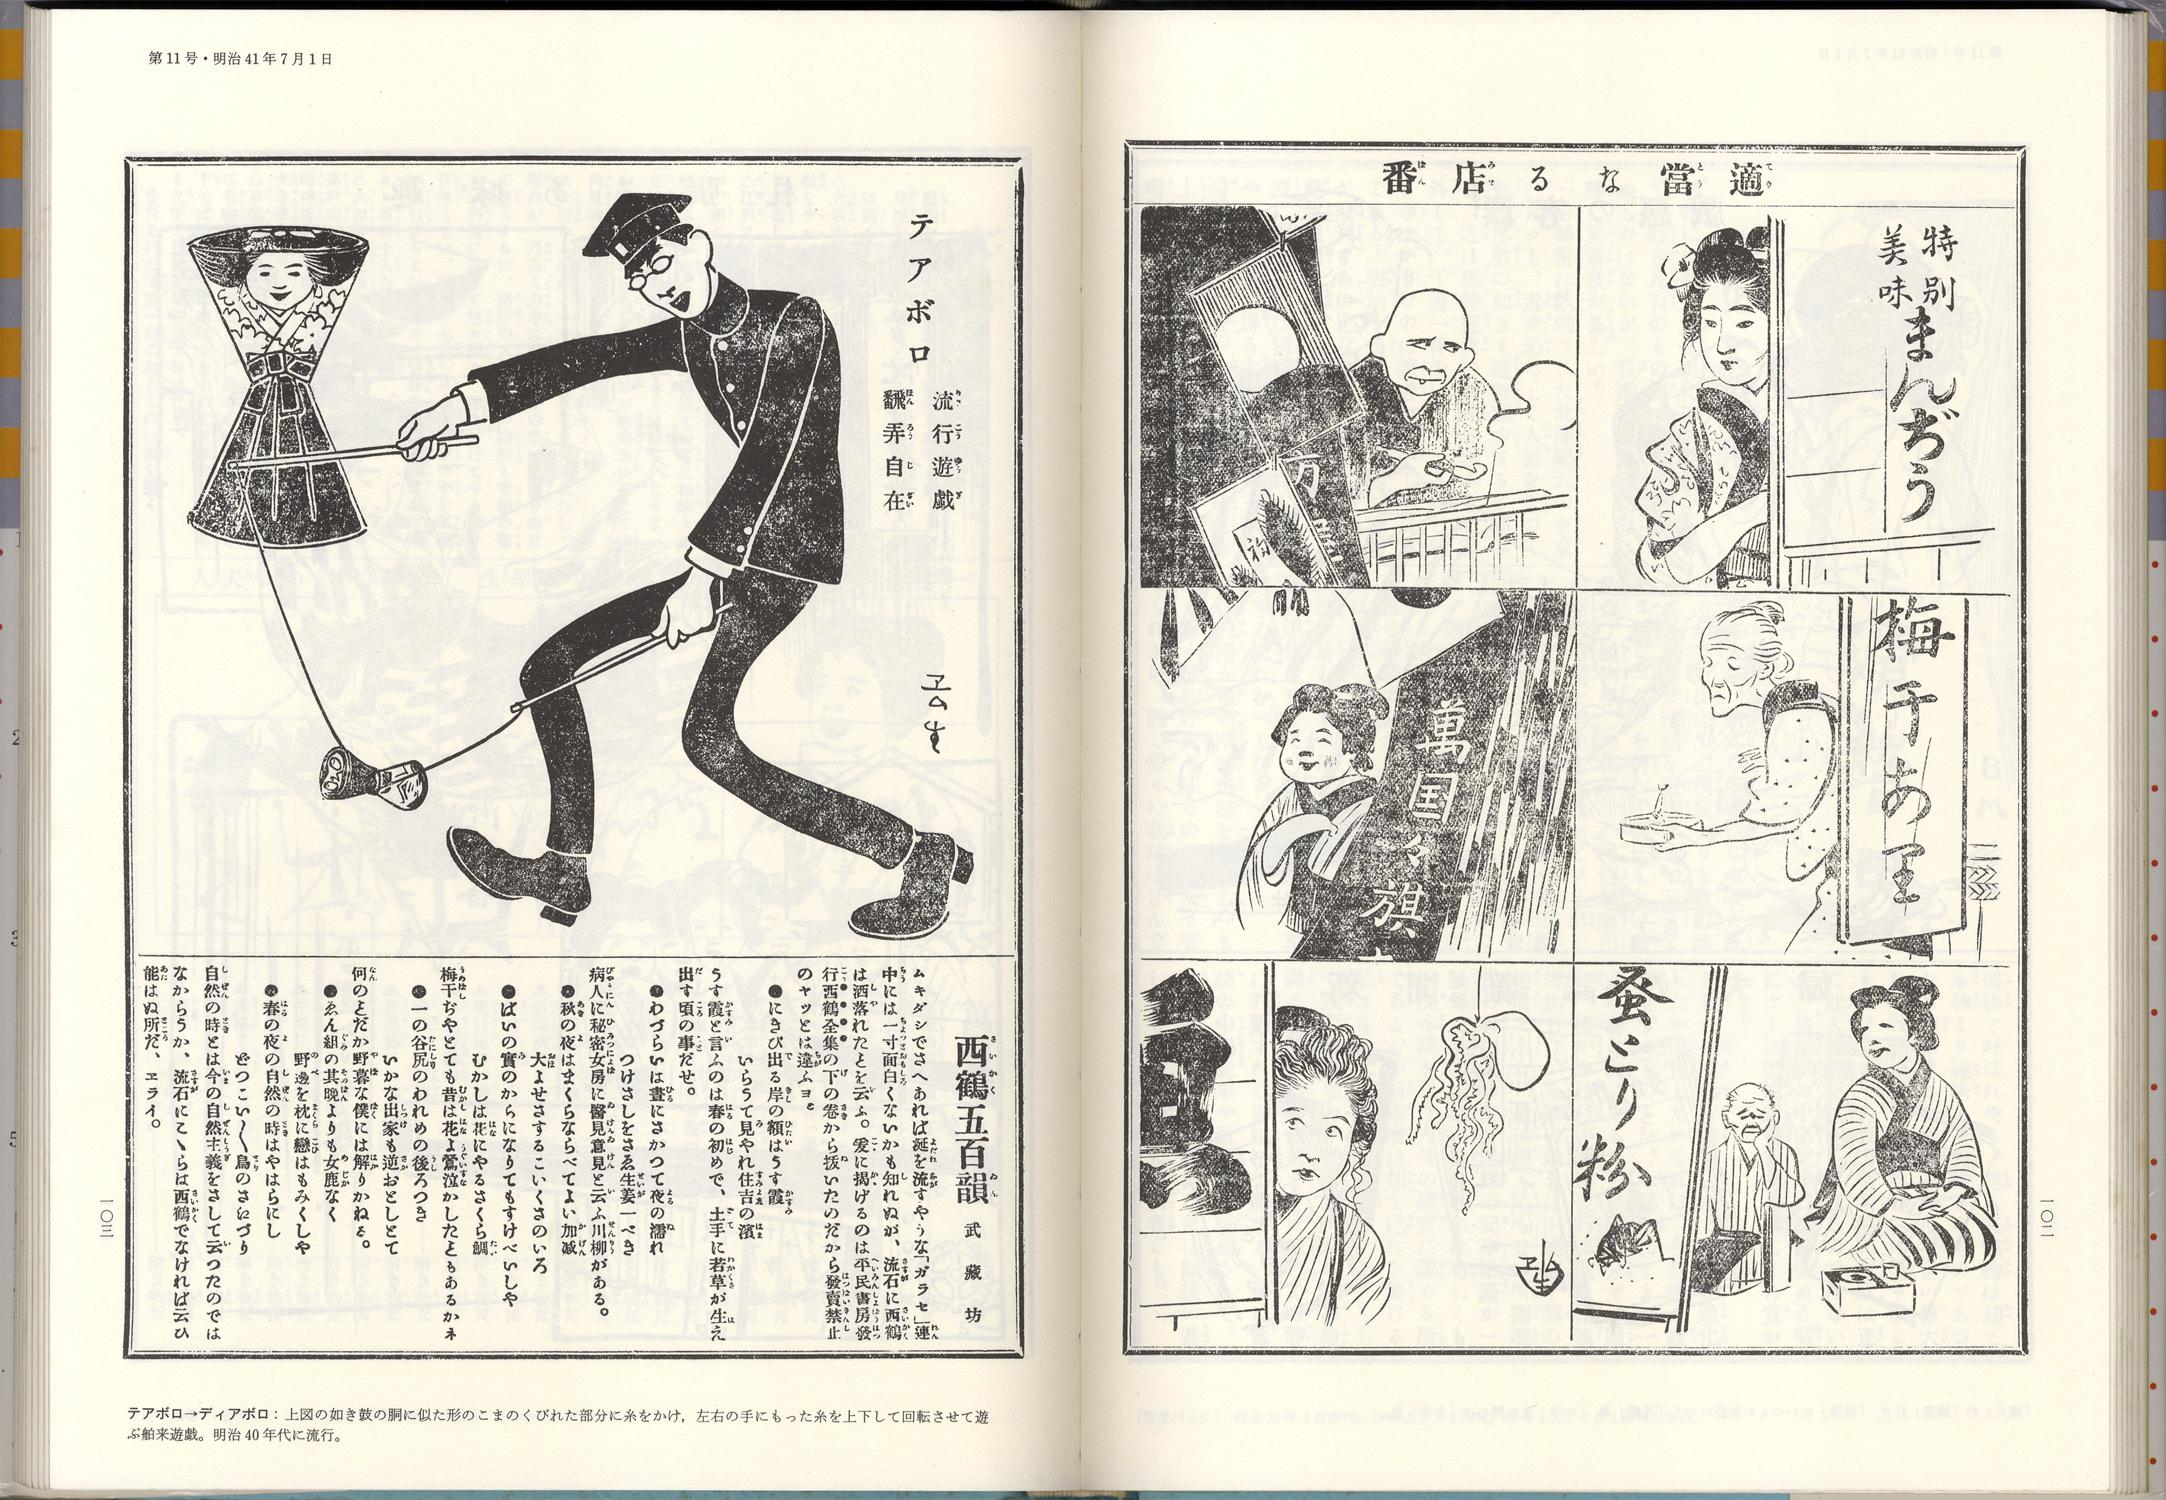 滑稽界 漫画雑誌博物館 4 明治時代編[image4]